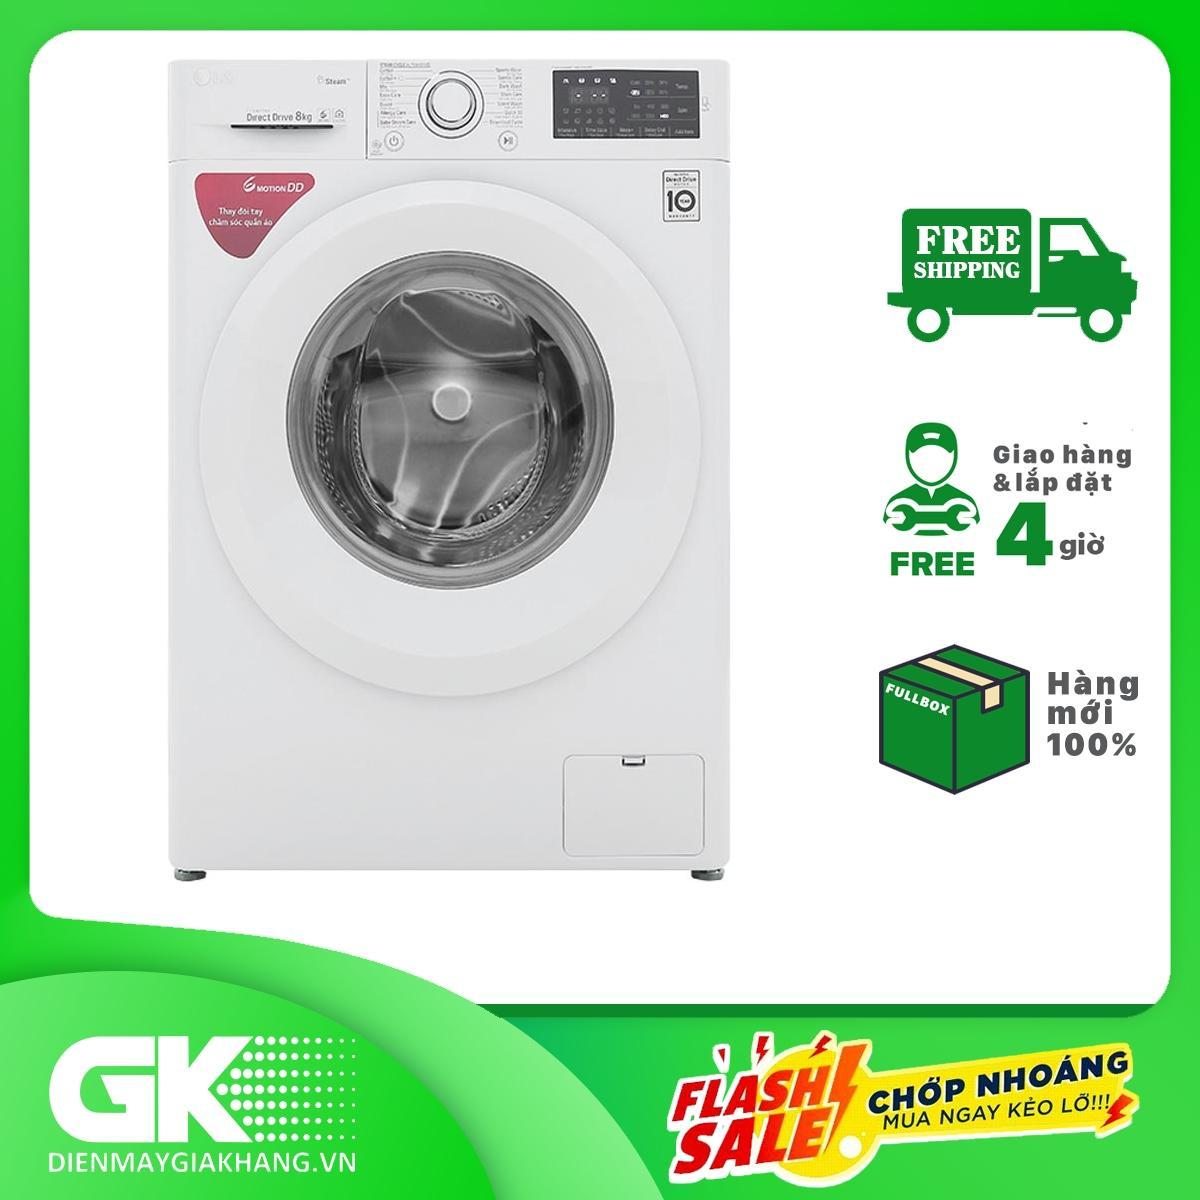 Máy giặt LG Inverter 8 kg FC1408S5W, Tốc độ quay vắt 1400 vòng/phút, 13 chương trình giặt, Công nghệ hơi nước Spa steam diệt tới 99,9% tác nhân dị ứng, Bảo hành 2 năm